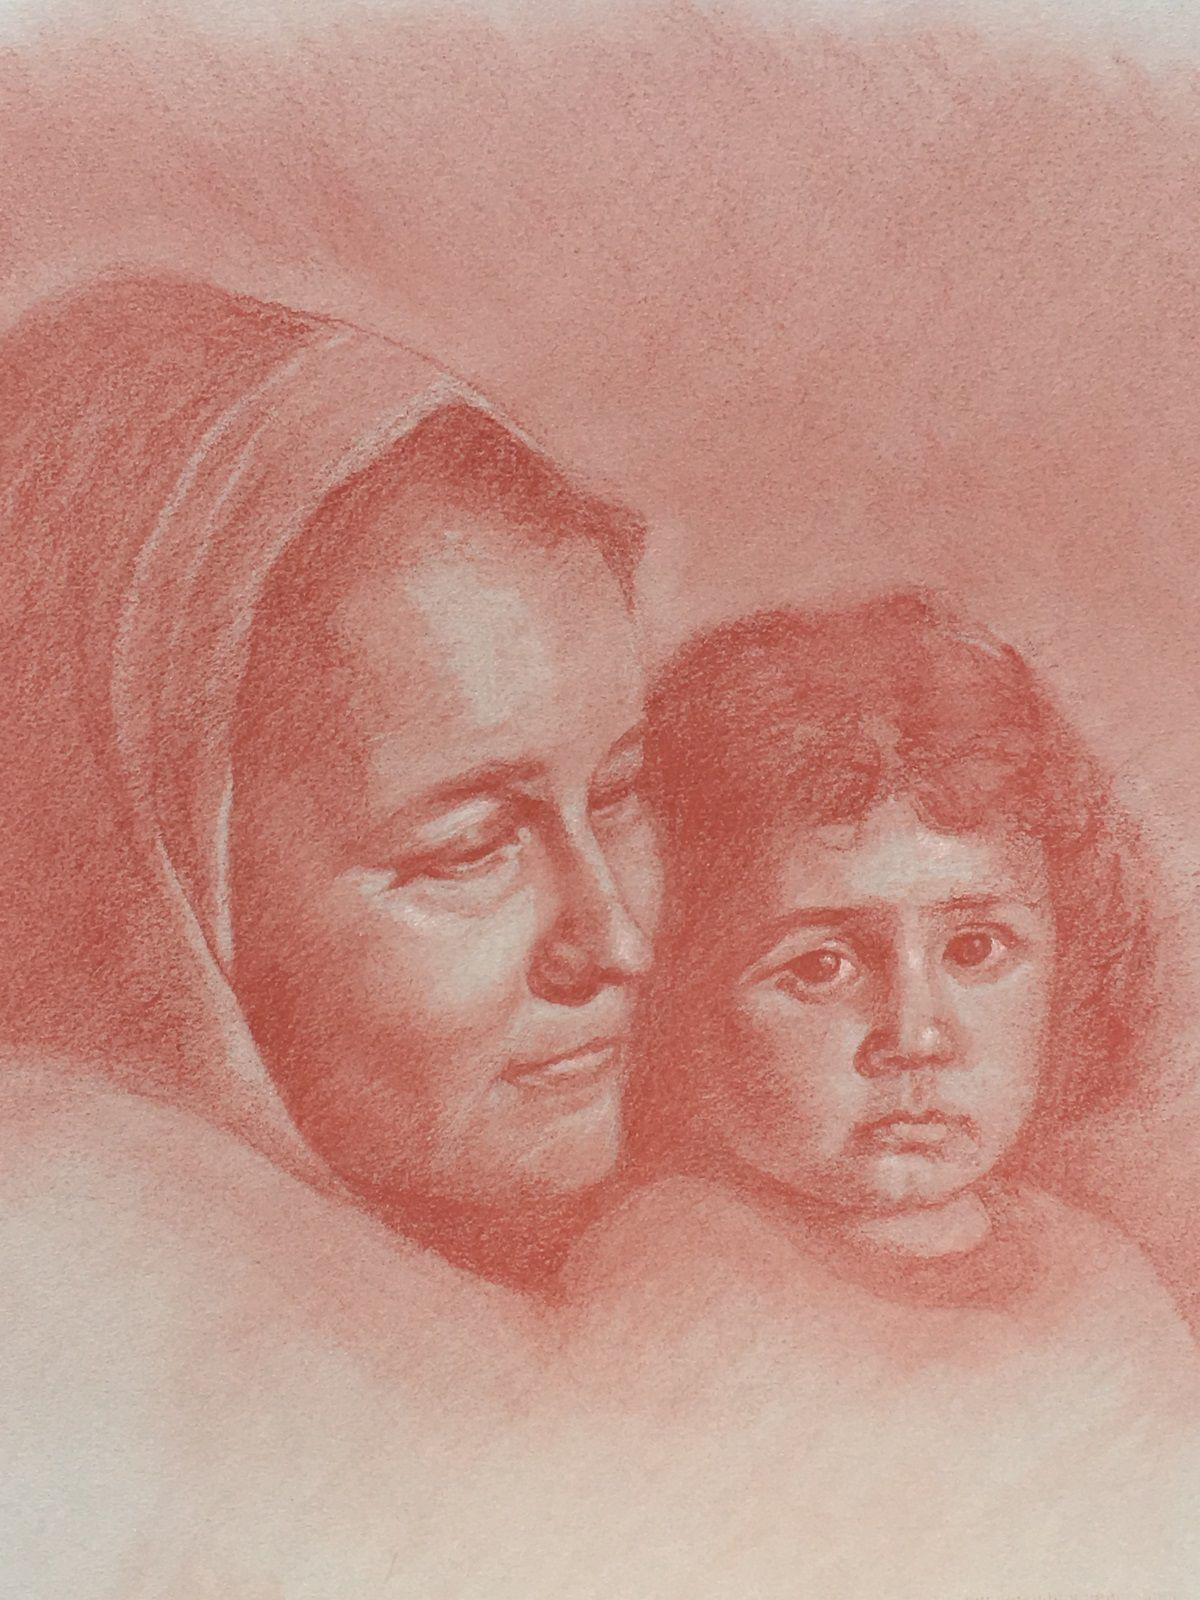 'Portrait Drawings' by Andrea K Schneider